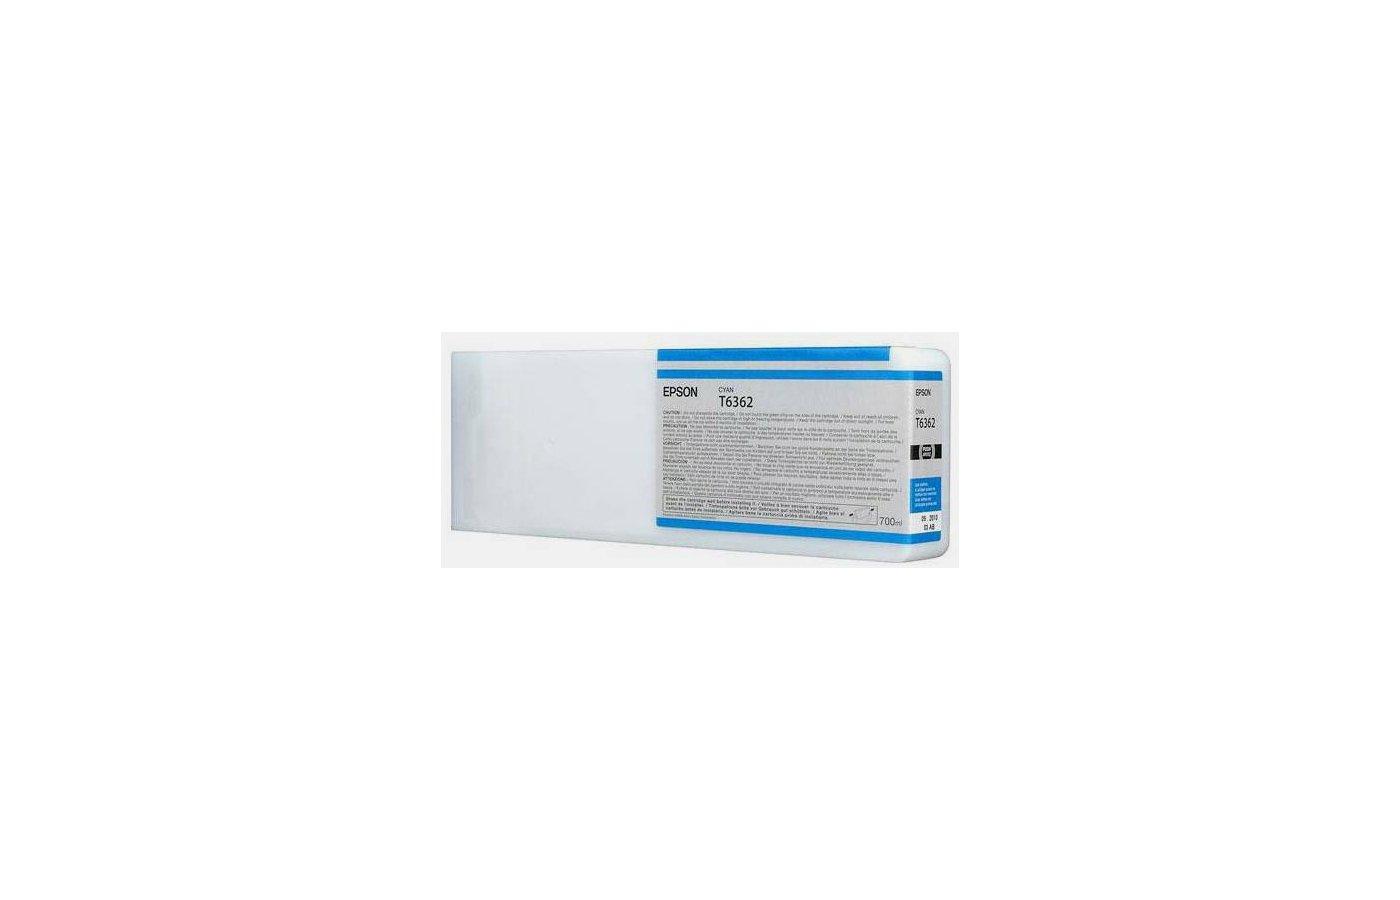 Картридж струйный Epson C13T636200 картридж (Cyan для Stylu PRO 7900/9900 (700ml) (голубой))